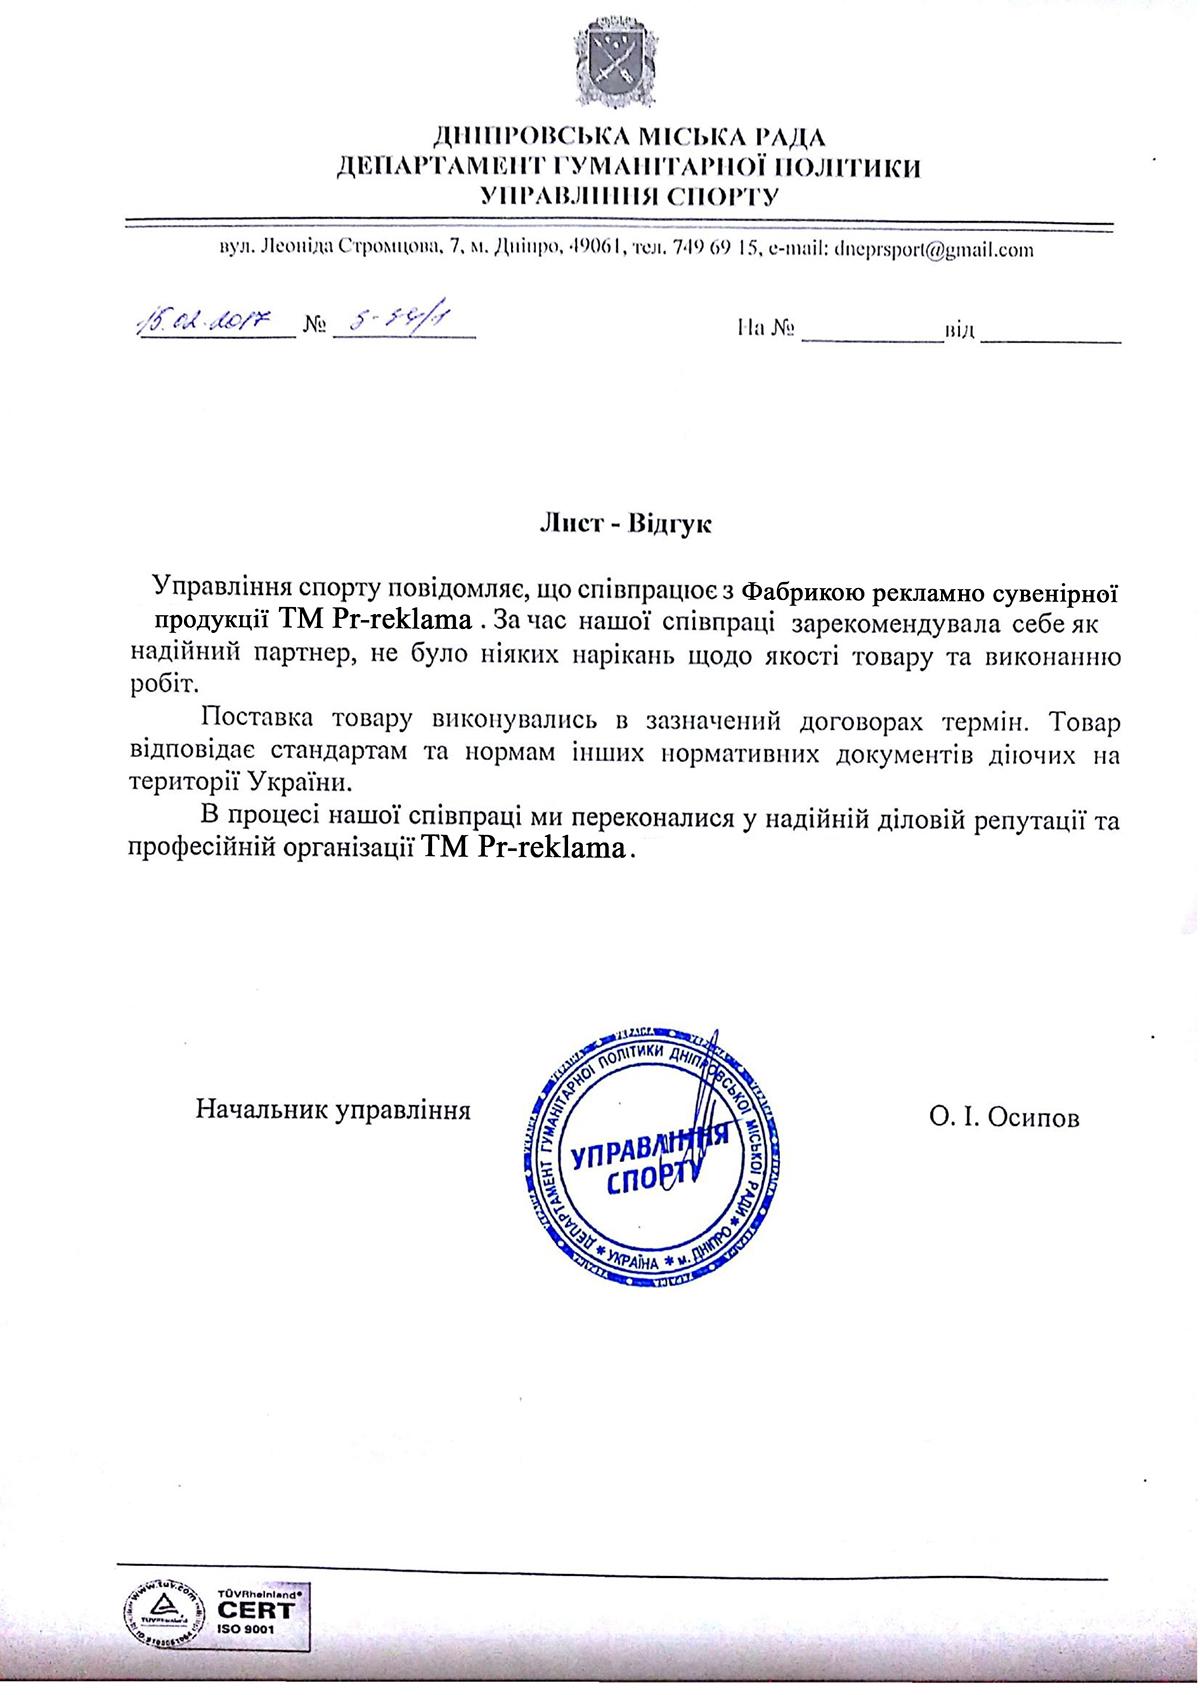 Отзывы Департамента гуманитарной политики Днепровского Городского Совета